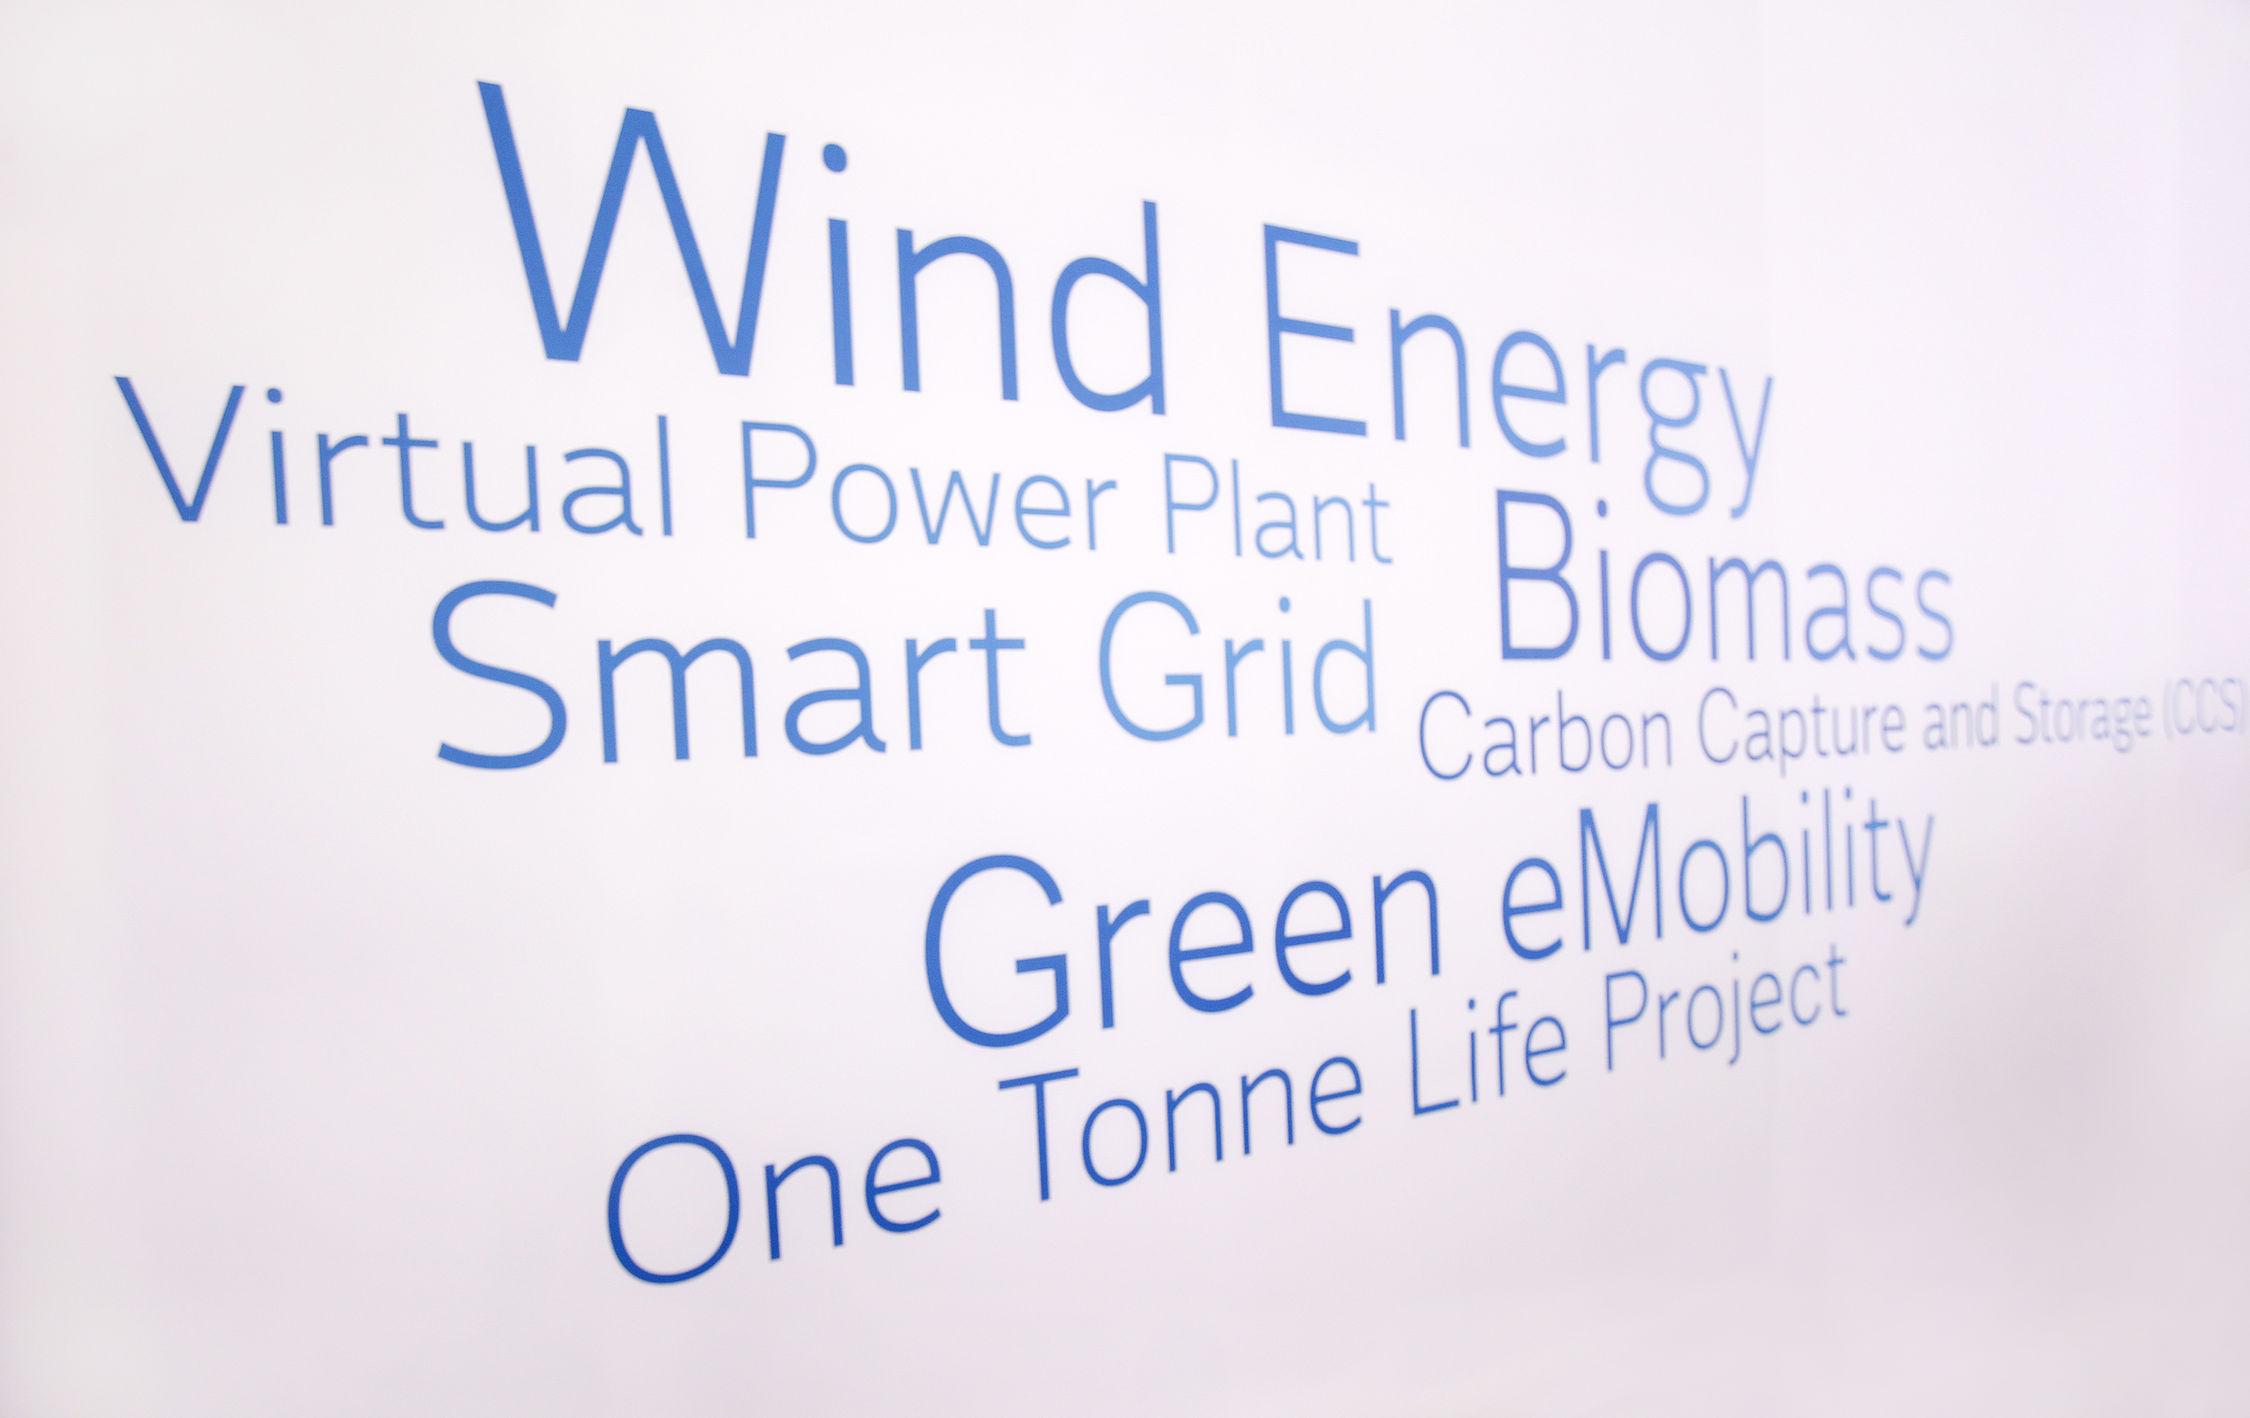 Potentiale für Energieeffizienz in der Industrie nutzen